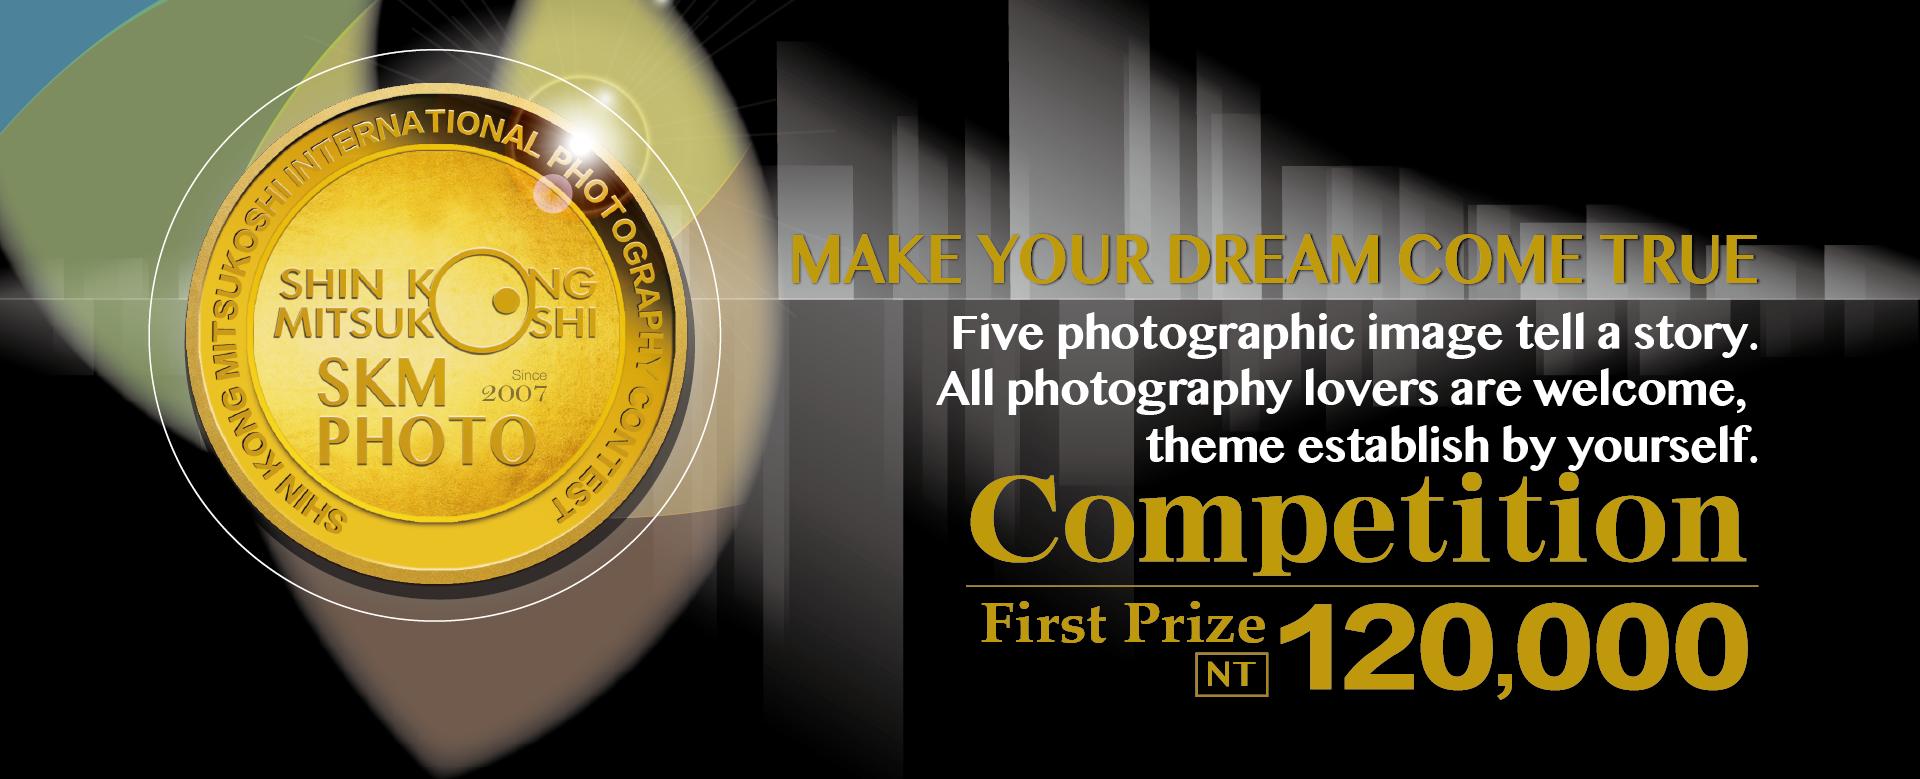 Shin Kong Mitsukoshi International Photography Contest 2021 - logo